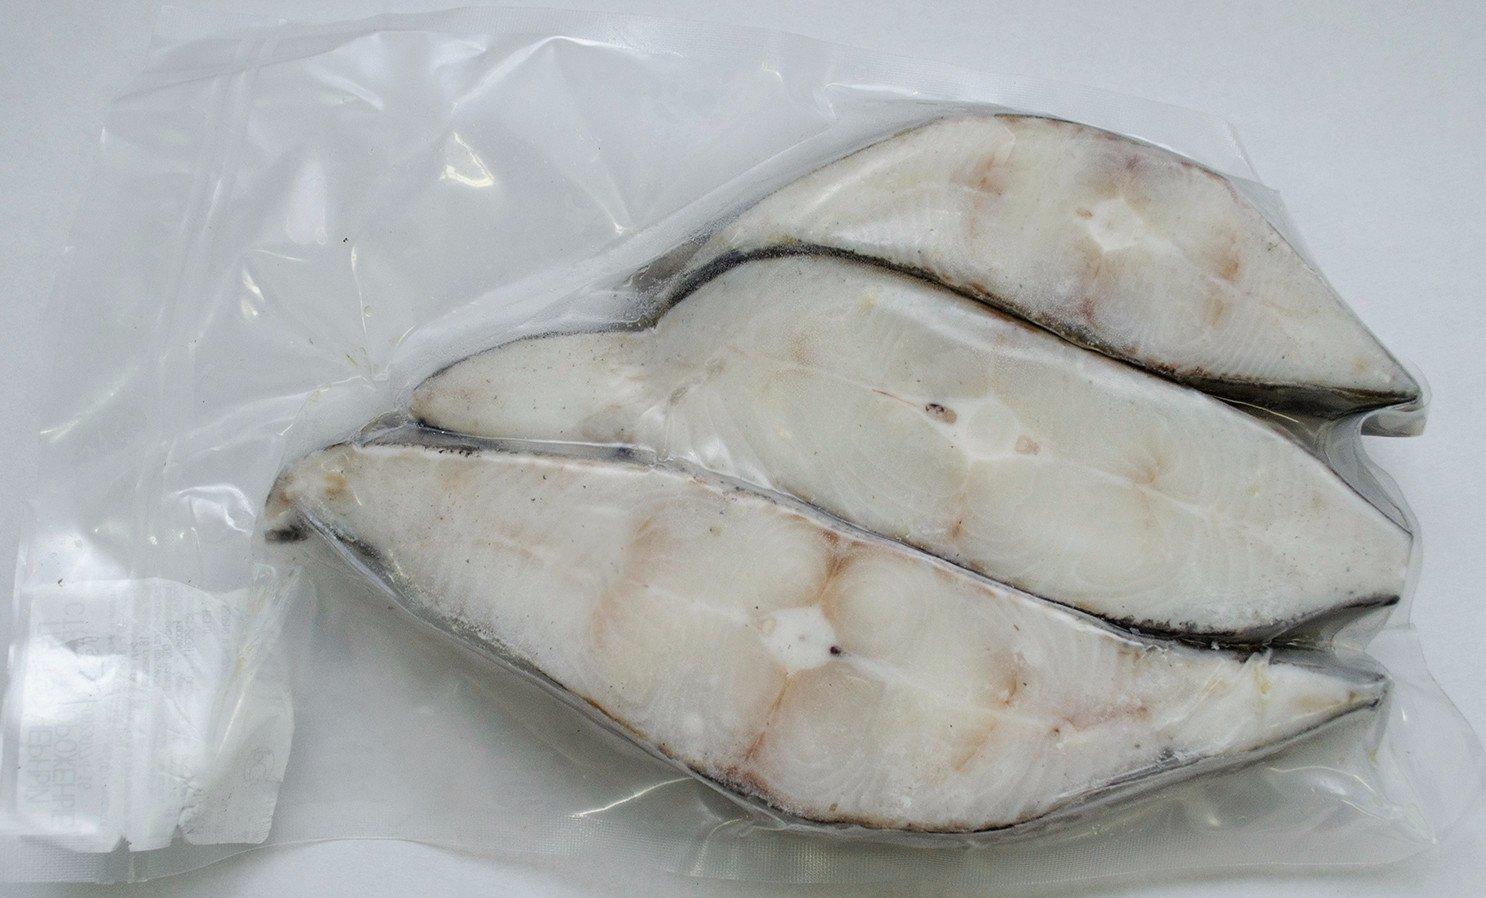 Стейк палтуса белокорого (коробка 5кг)